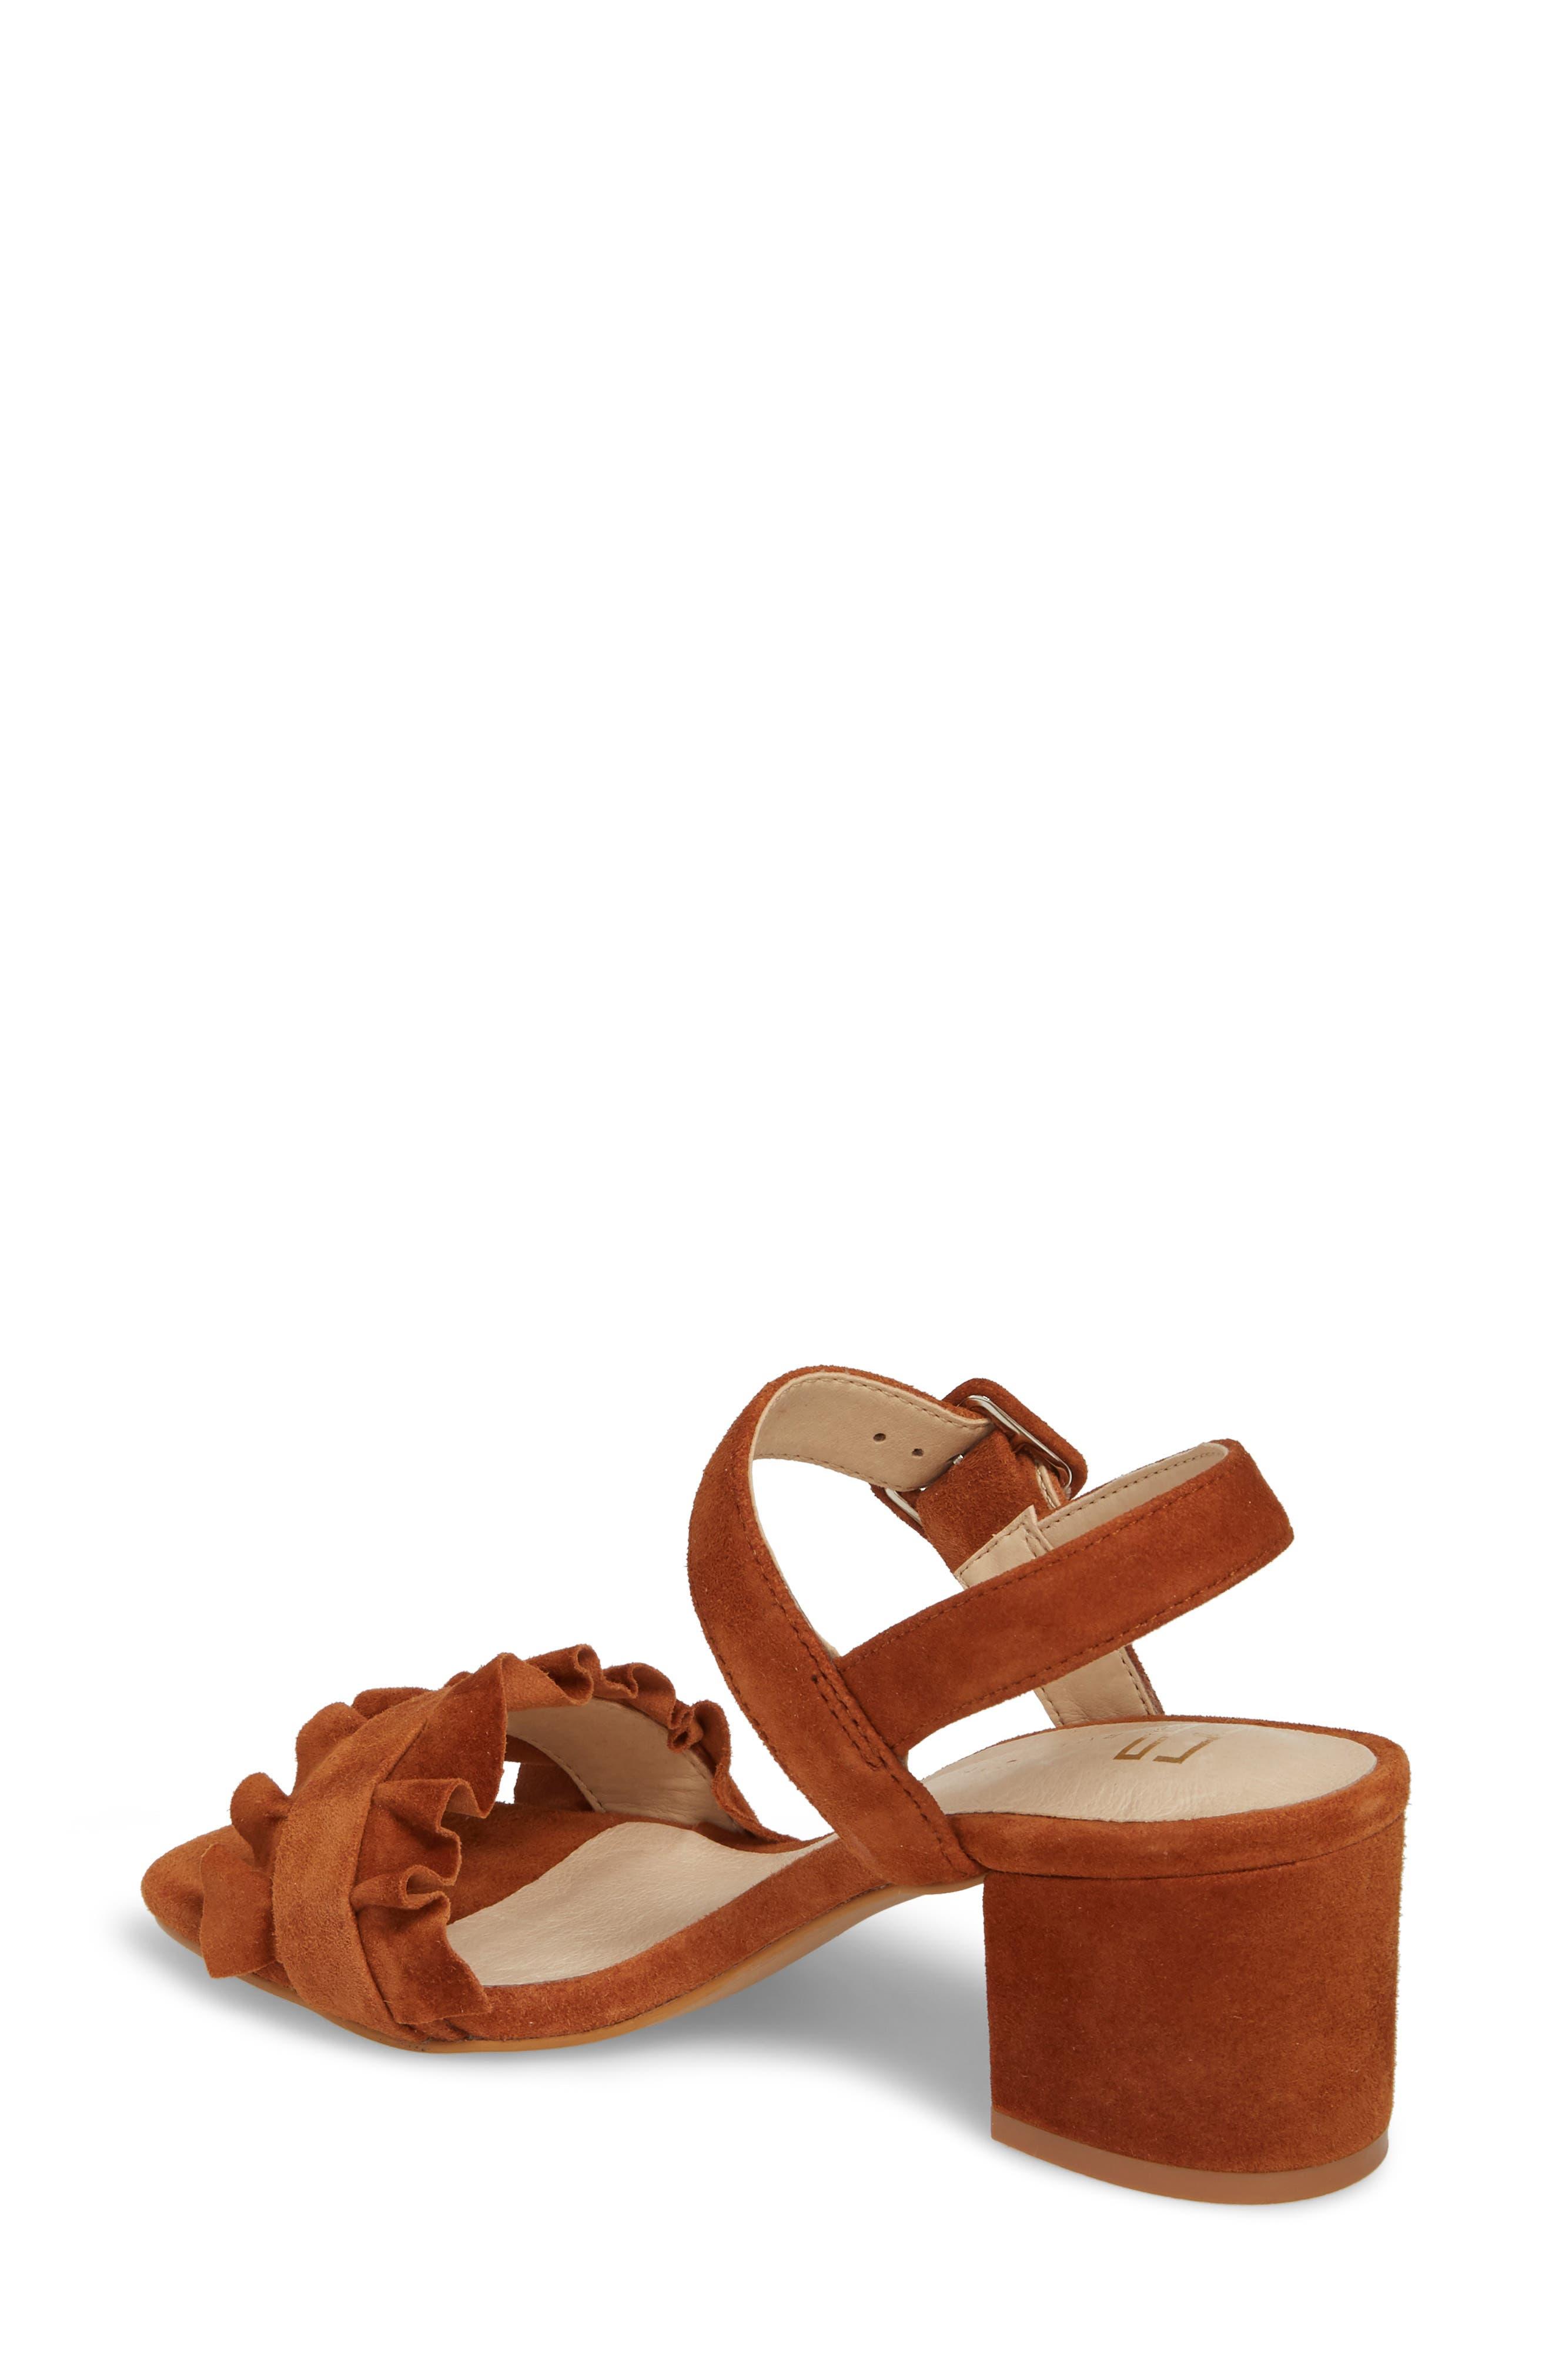 Sandie Block Heel Sandal,                             Alternate thumbnail 2, color,                             Tan Suede